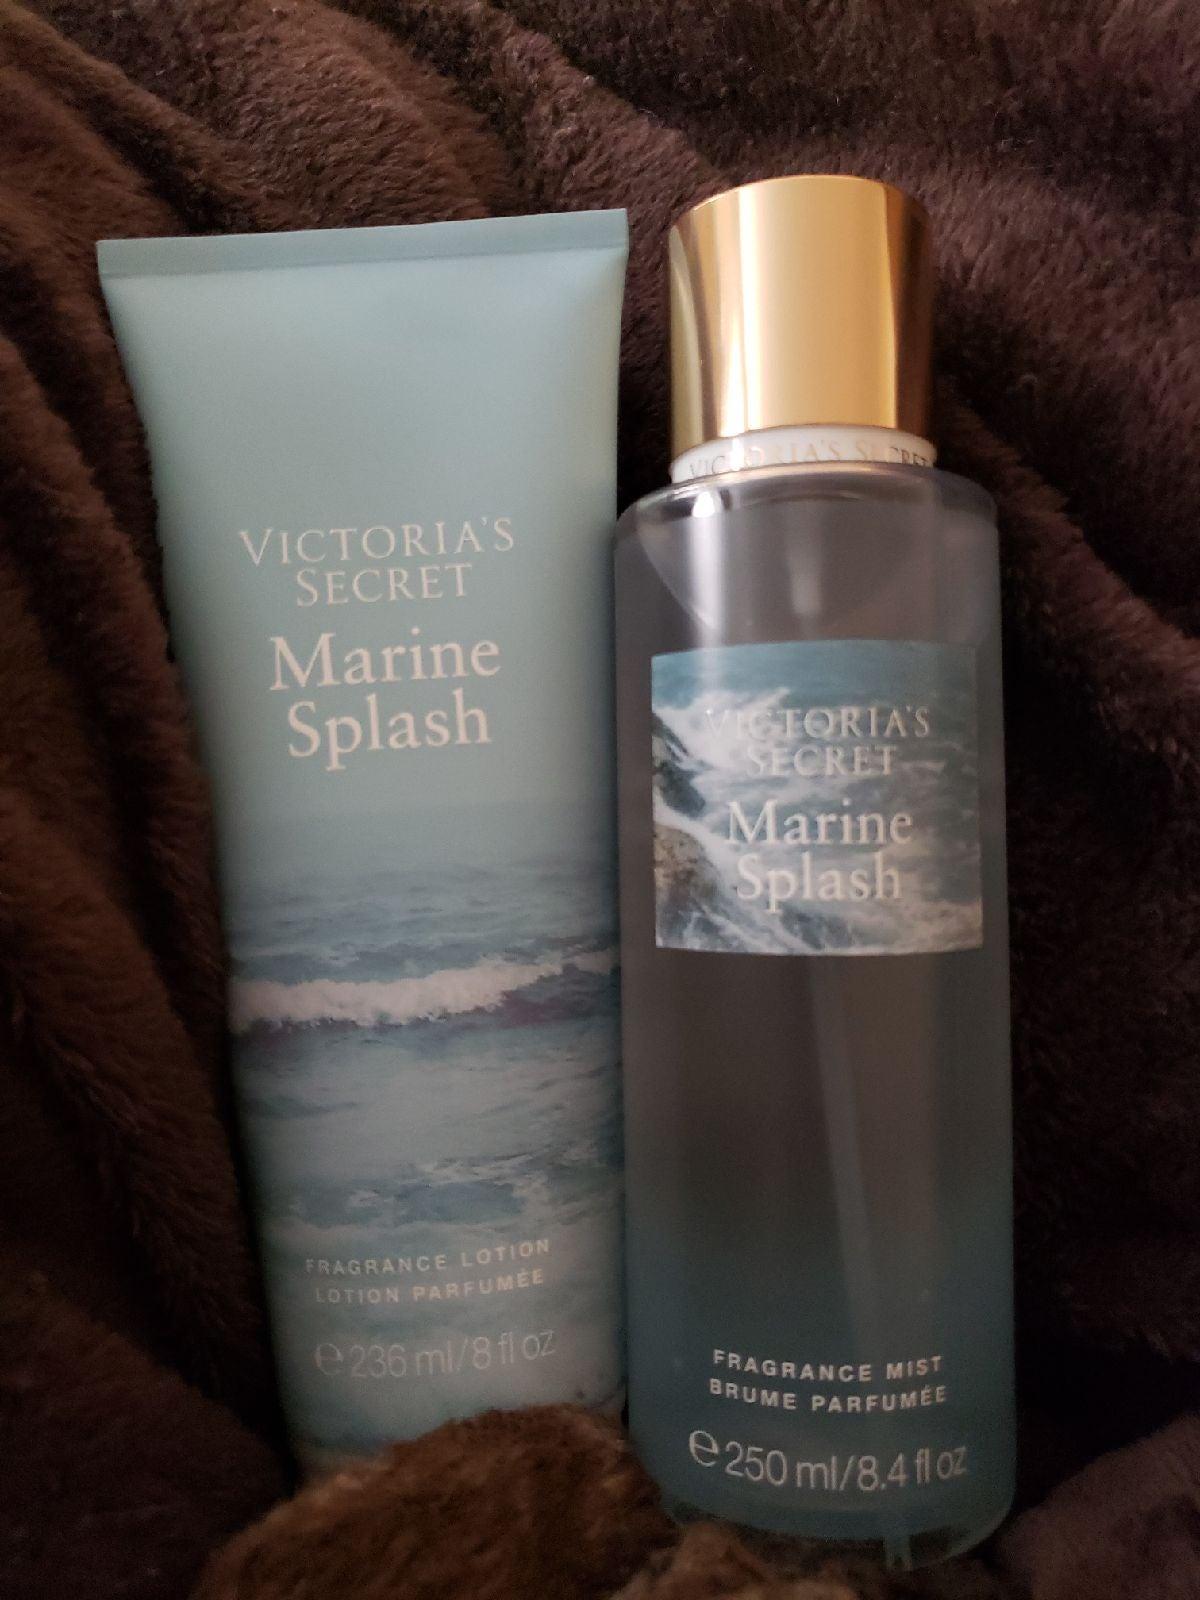 VS Marine Splash duo